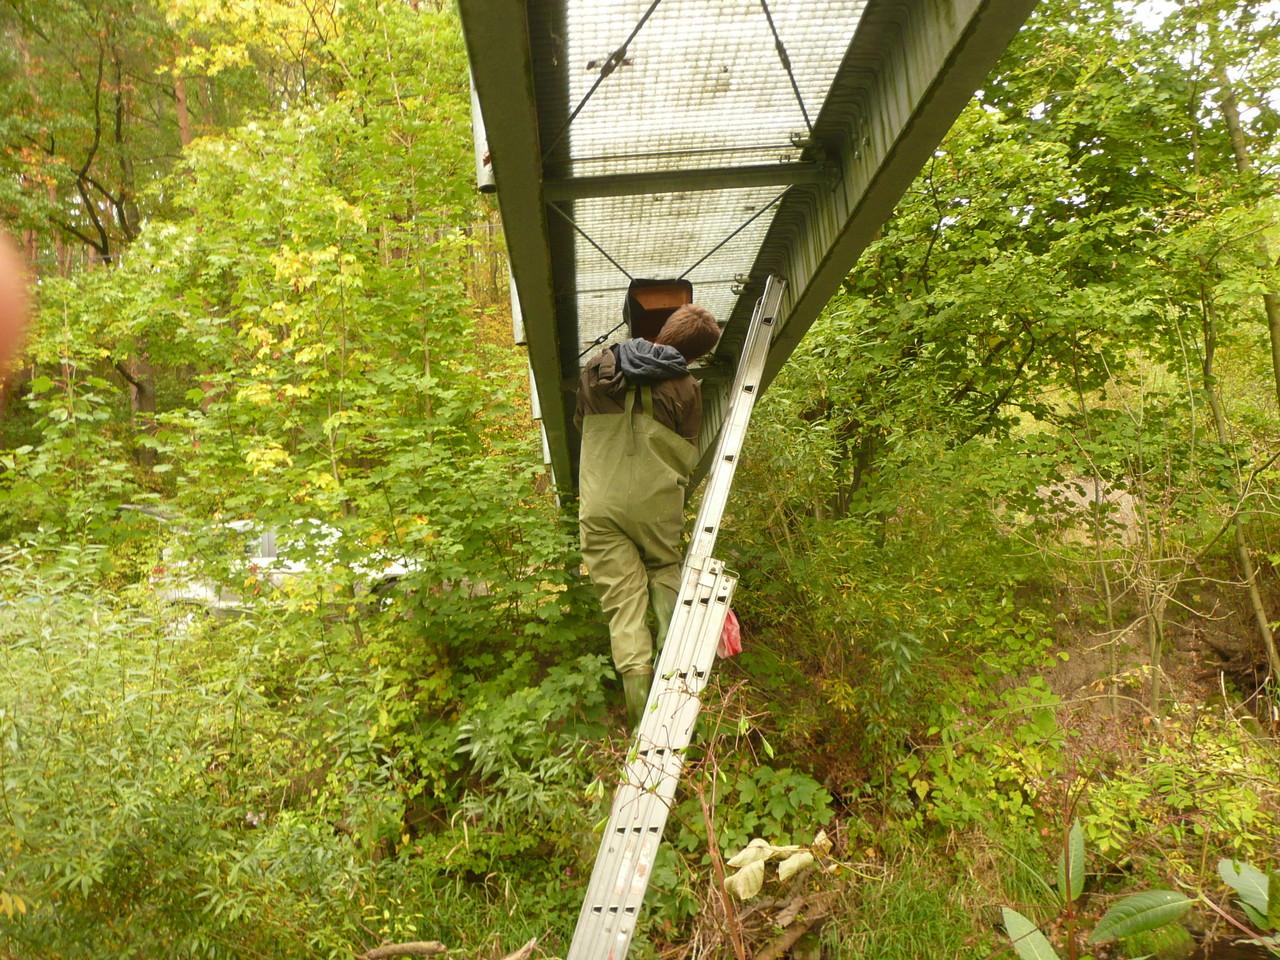 Auch im Bereich Niesen wurden unter Brücken Nistkästen für Wasseramsel und Gebirgsstelze montiert, hier eine Fußgängerbrücke / Foto: L. Singer